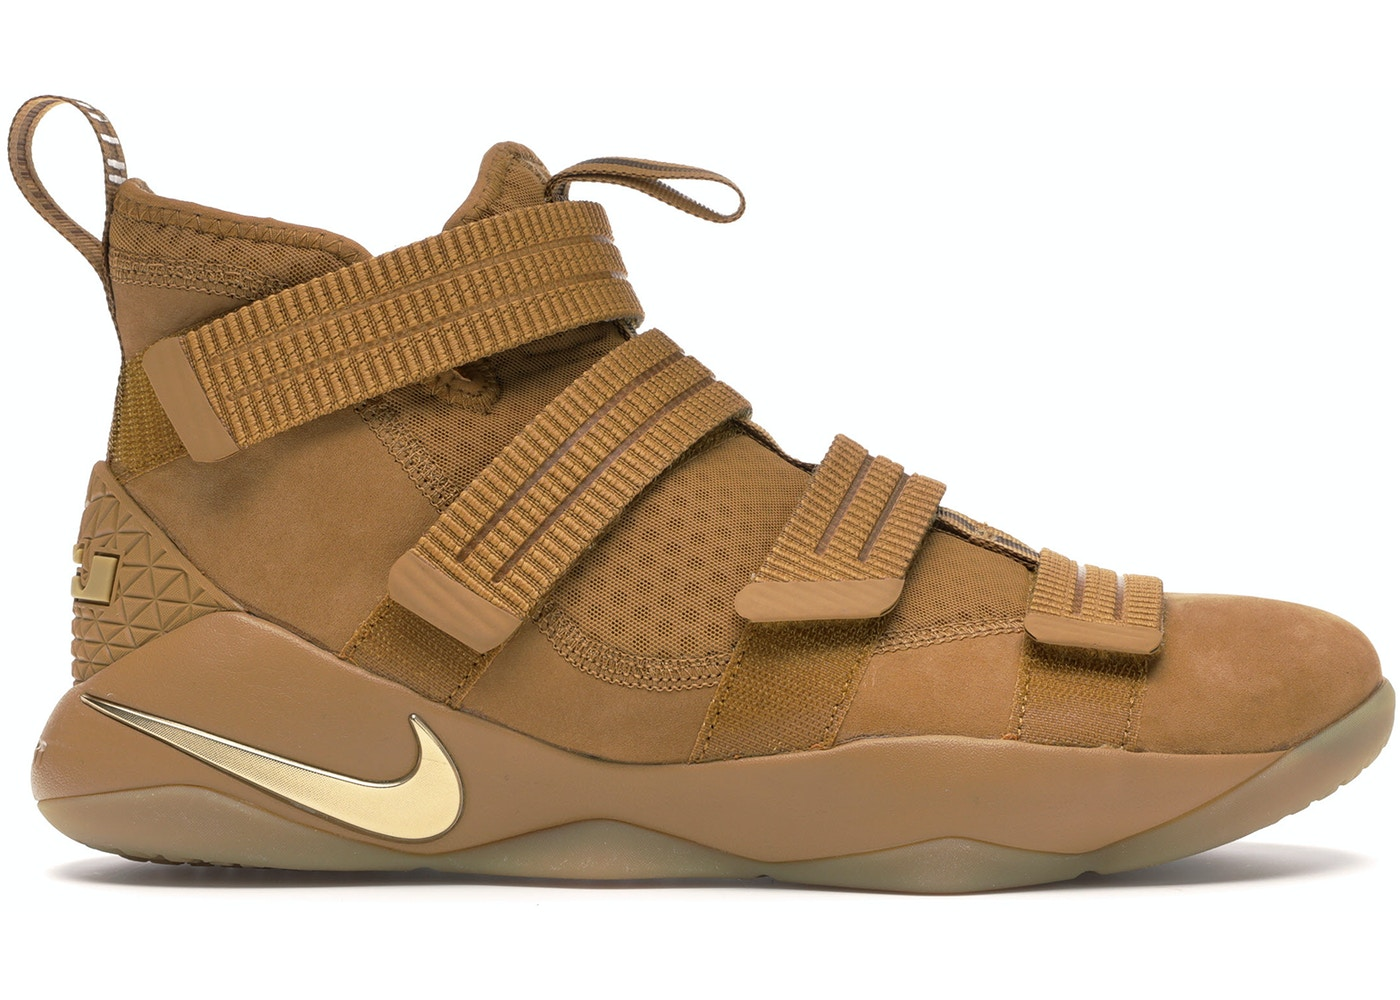 mejor amado venta al por mayor tecnologías sofisticadas Nike LeBron Zoom Soldier 11 Wheat - 897646-700